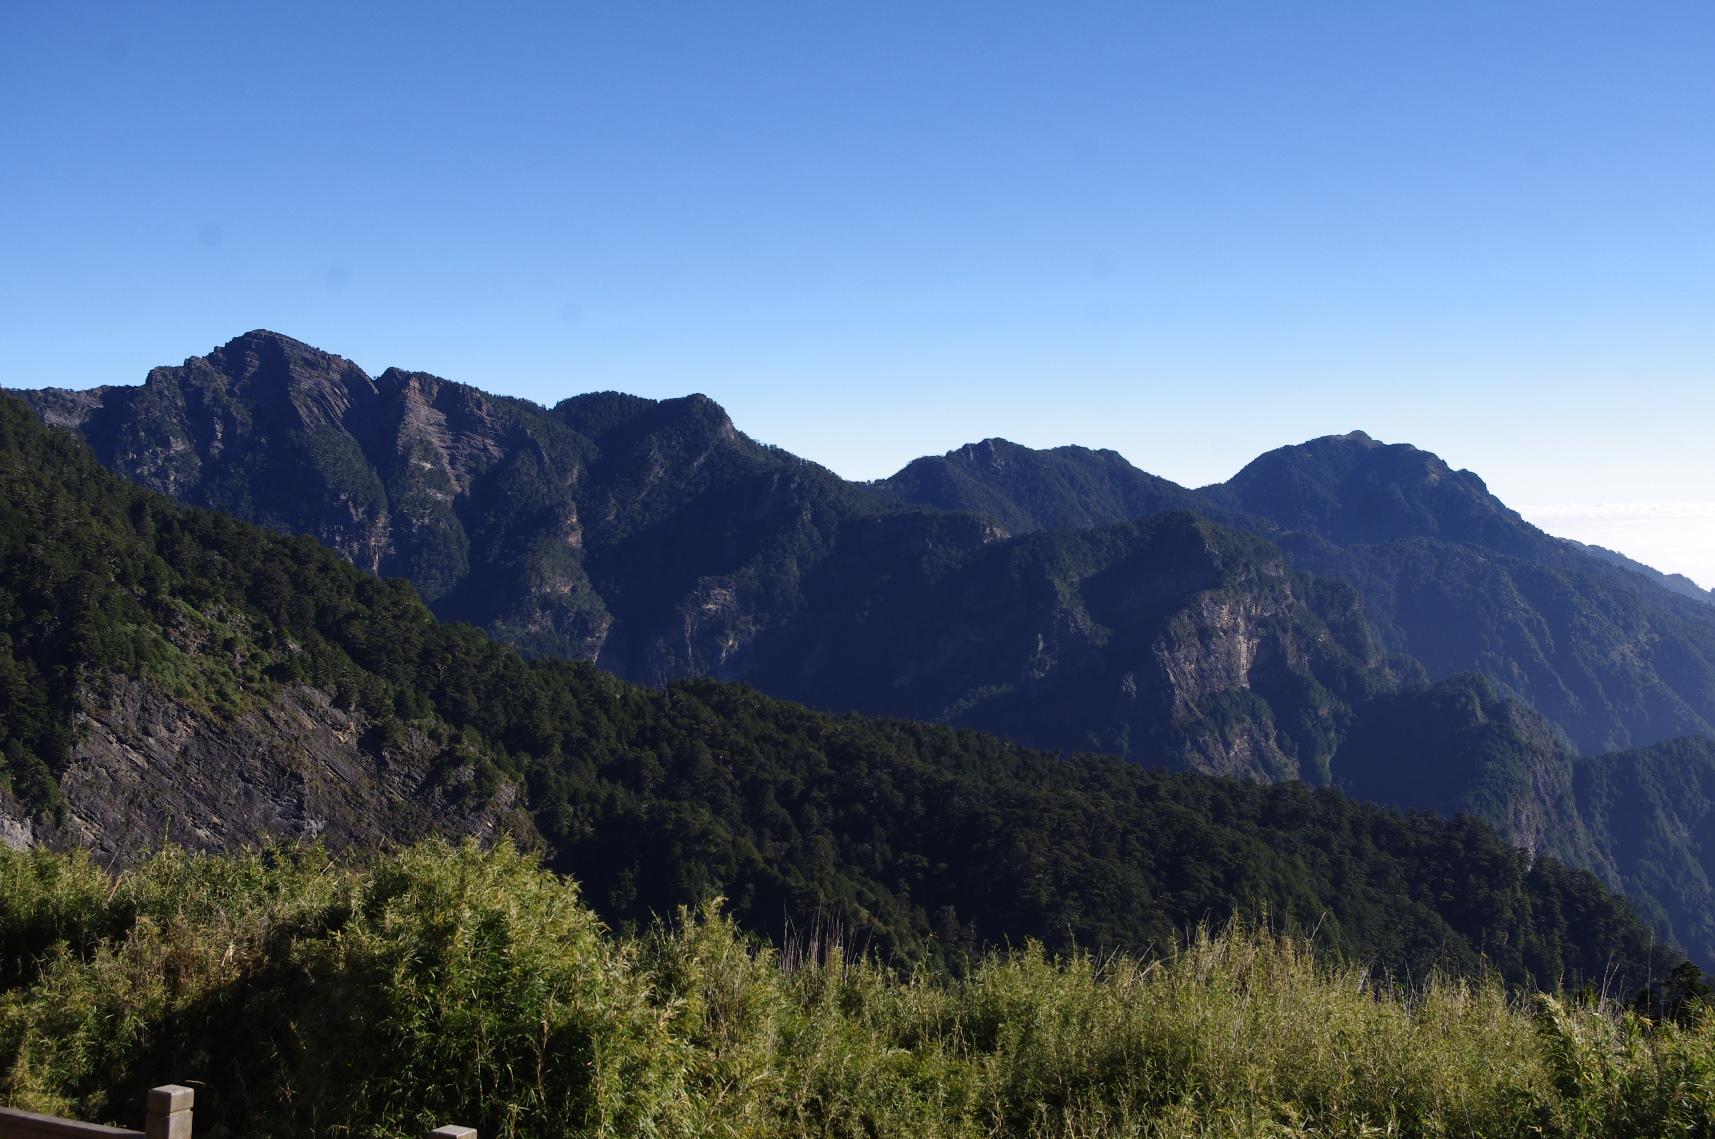 台湾百岳の武陵四秀の山々を望む(5日目)